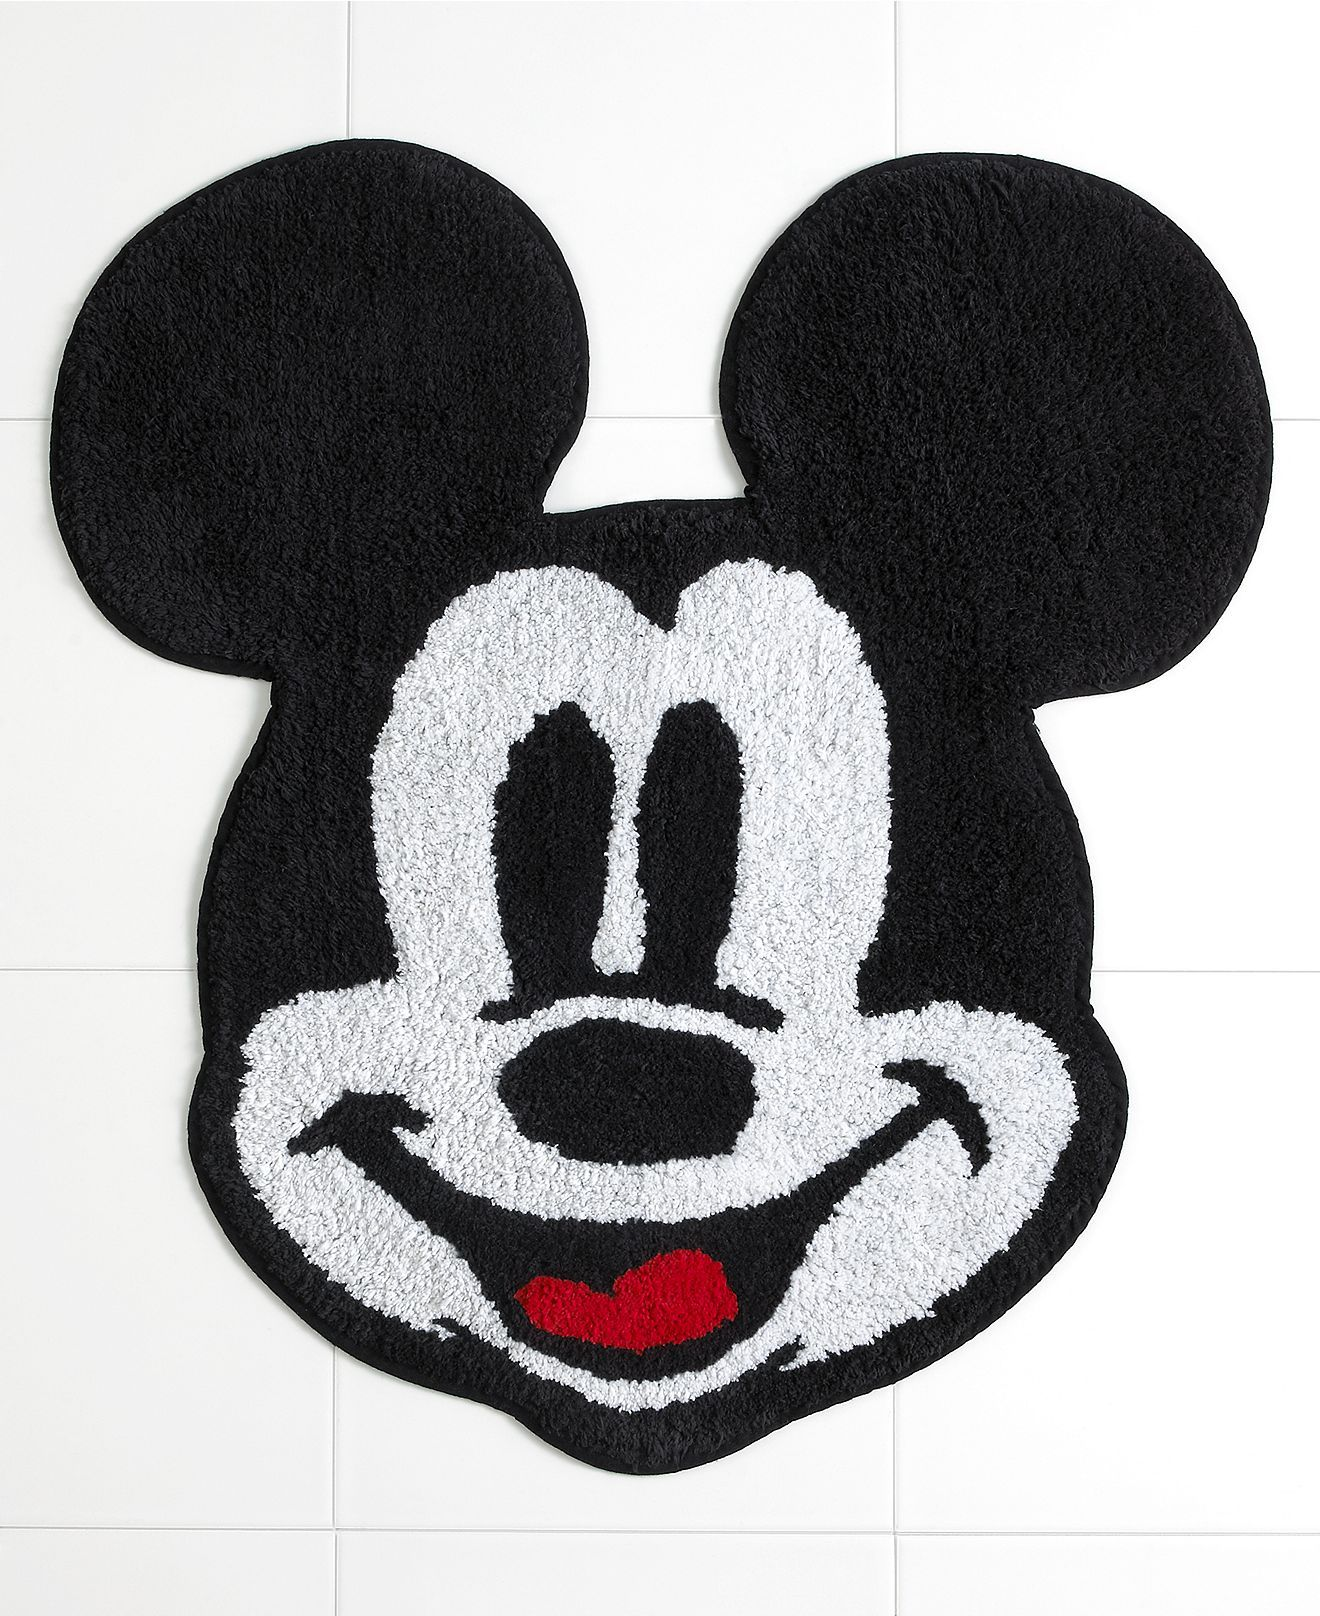 Disney Bath Rugs Disney Mickey Mouse 25 X 27 Bath Rug Bath Rugs Bath Mats Bed Bath Macys Mickey Mouse Bathroom Mickey Mouse Mickey Bathroom